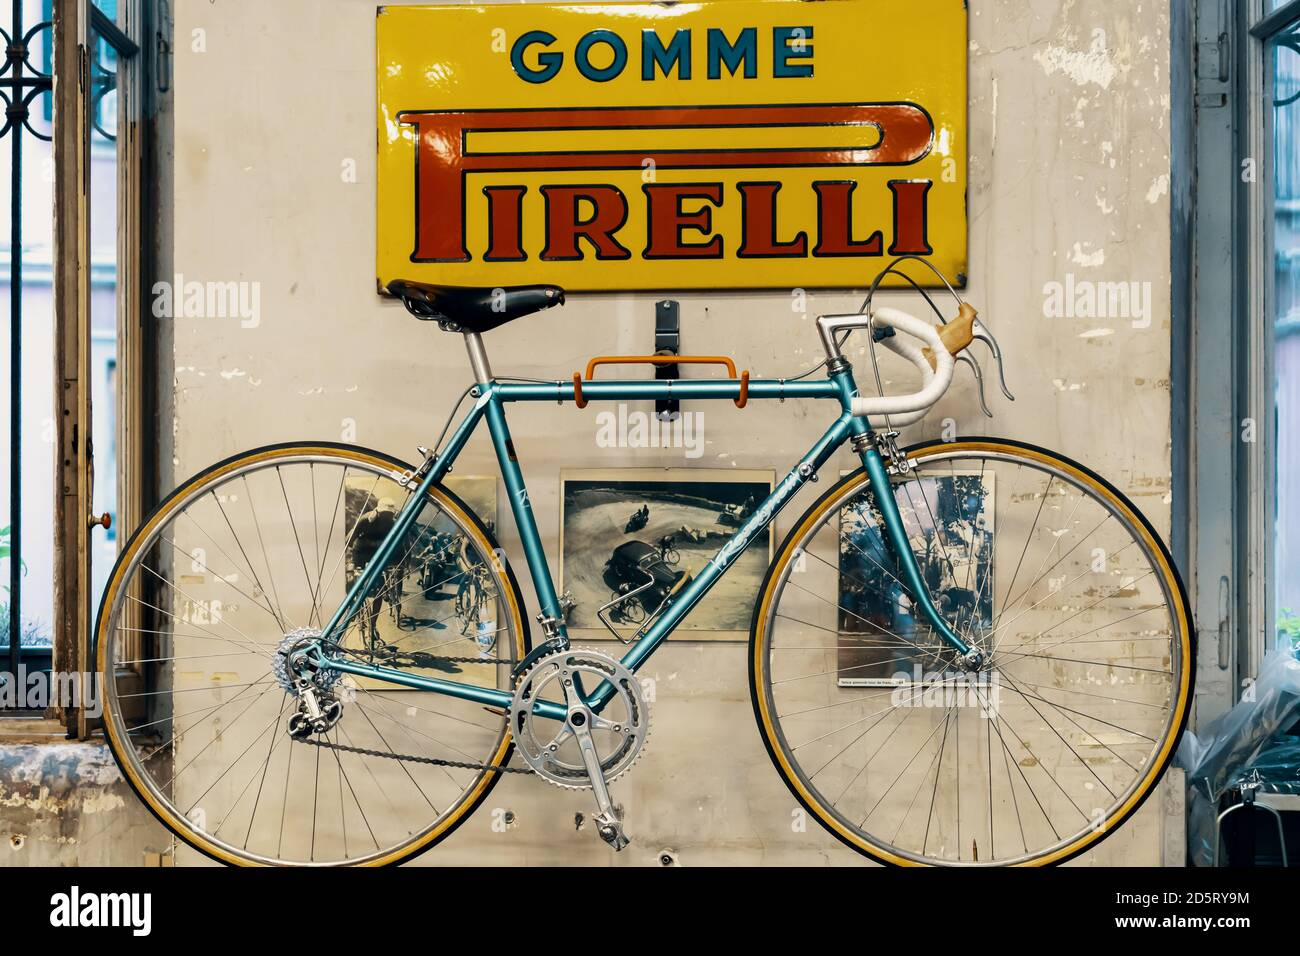 Logo Pirelli an der Wand, Fahrrad im Fahrradladen. Pirelli ist ein italienisches multinationales Unternehmen, das sich auf das Konsumentengeschäft konzentriert. Milan, Italien - 28 Stockfoto